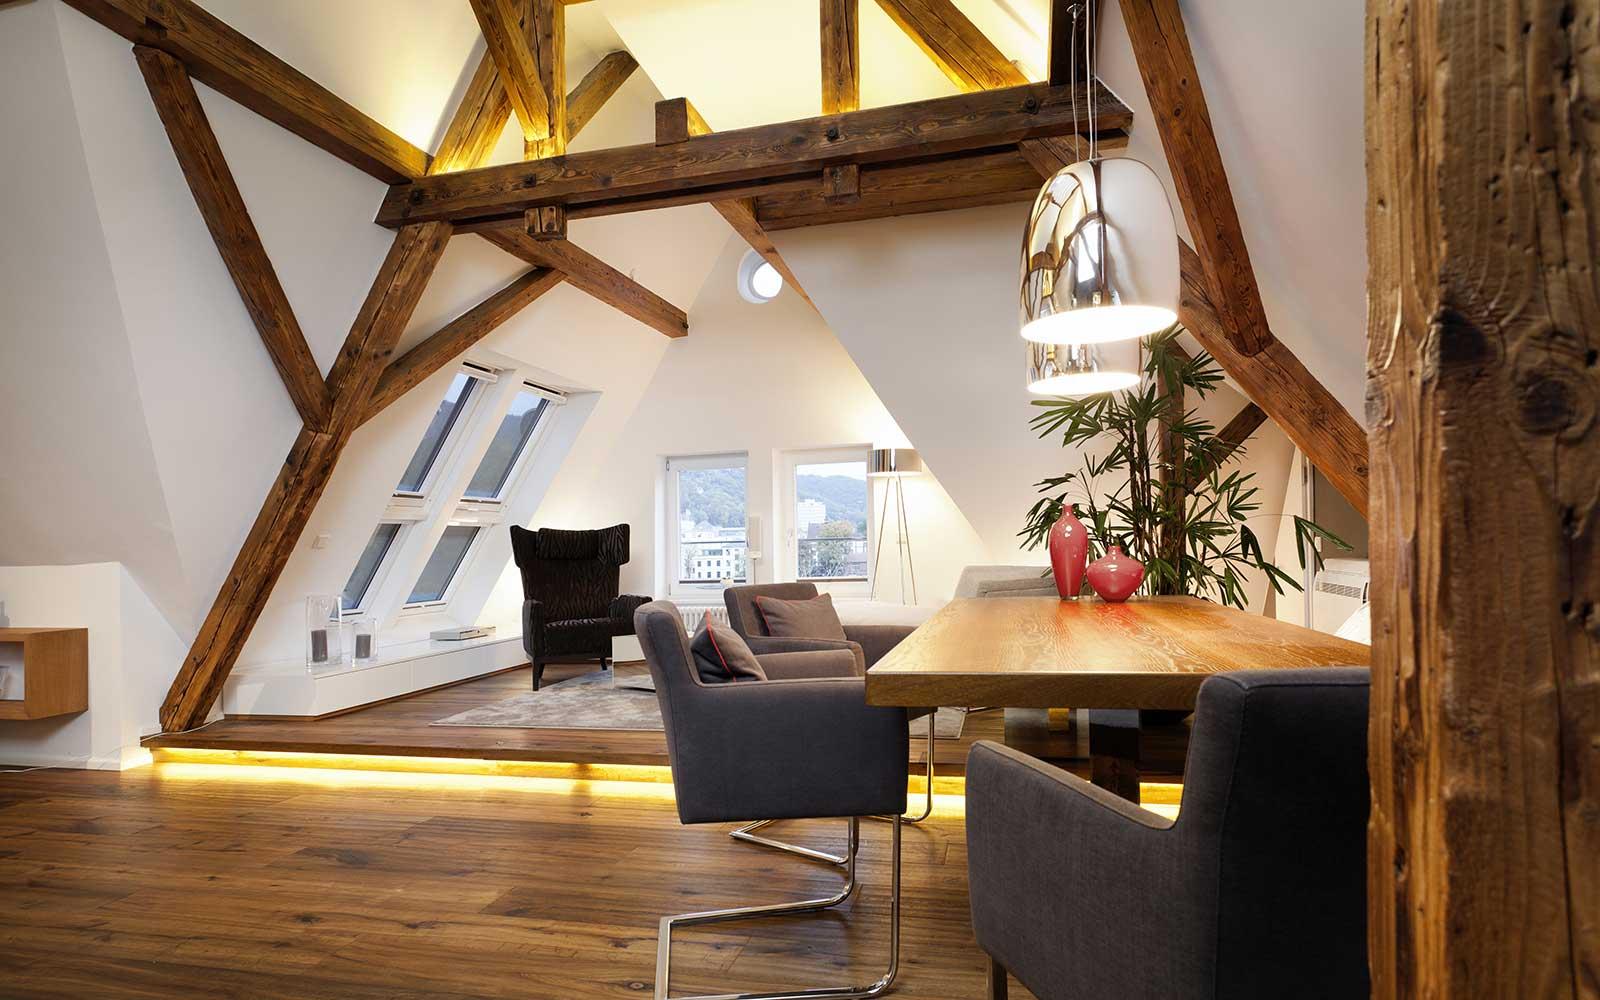 Dachstudio am Neckar in Heidelberg, Kochhan und Weckbach Architekten Heidelberg